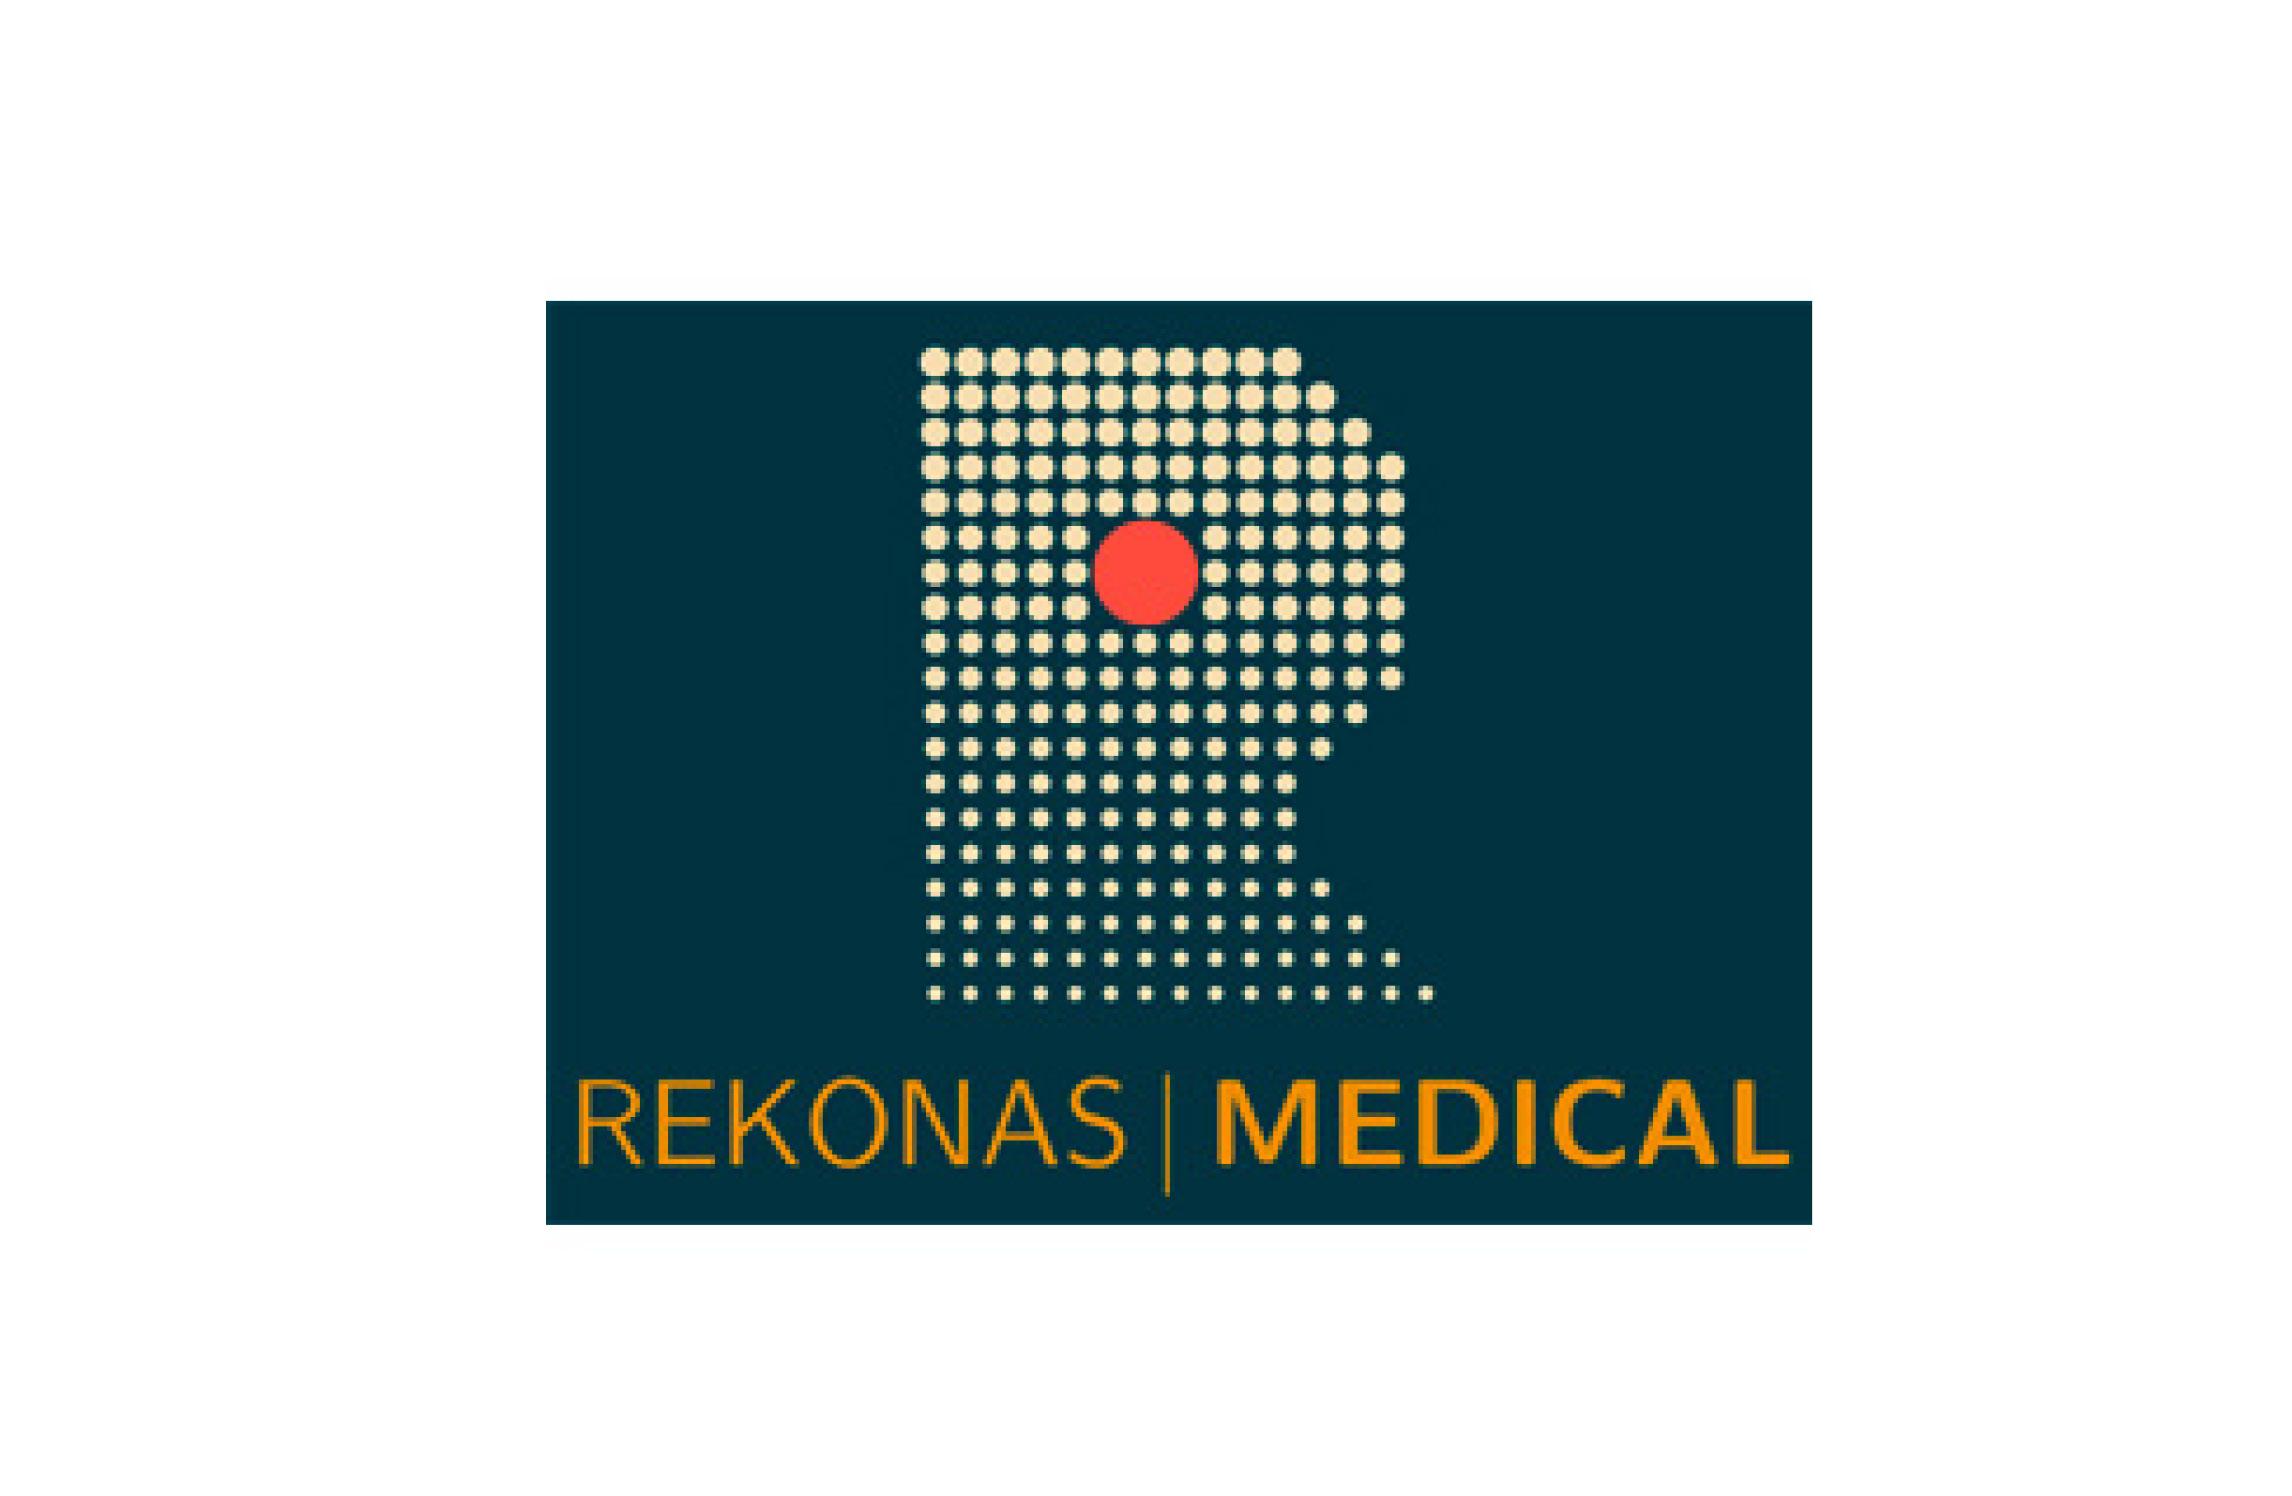 rekonas logo